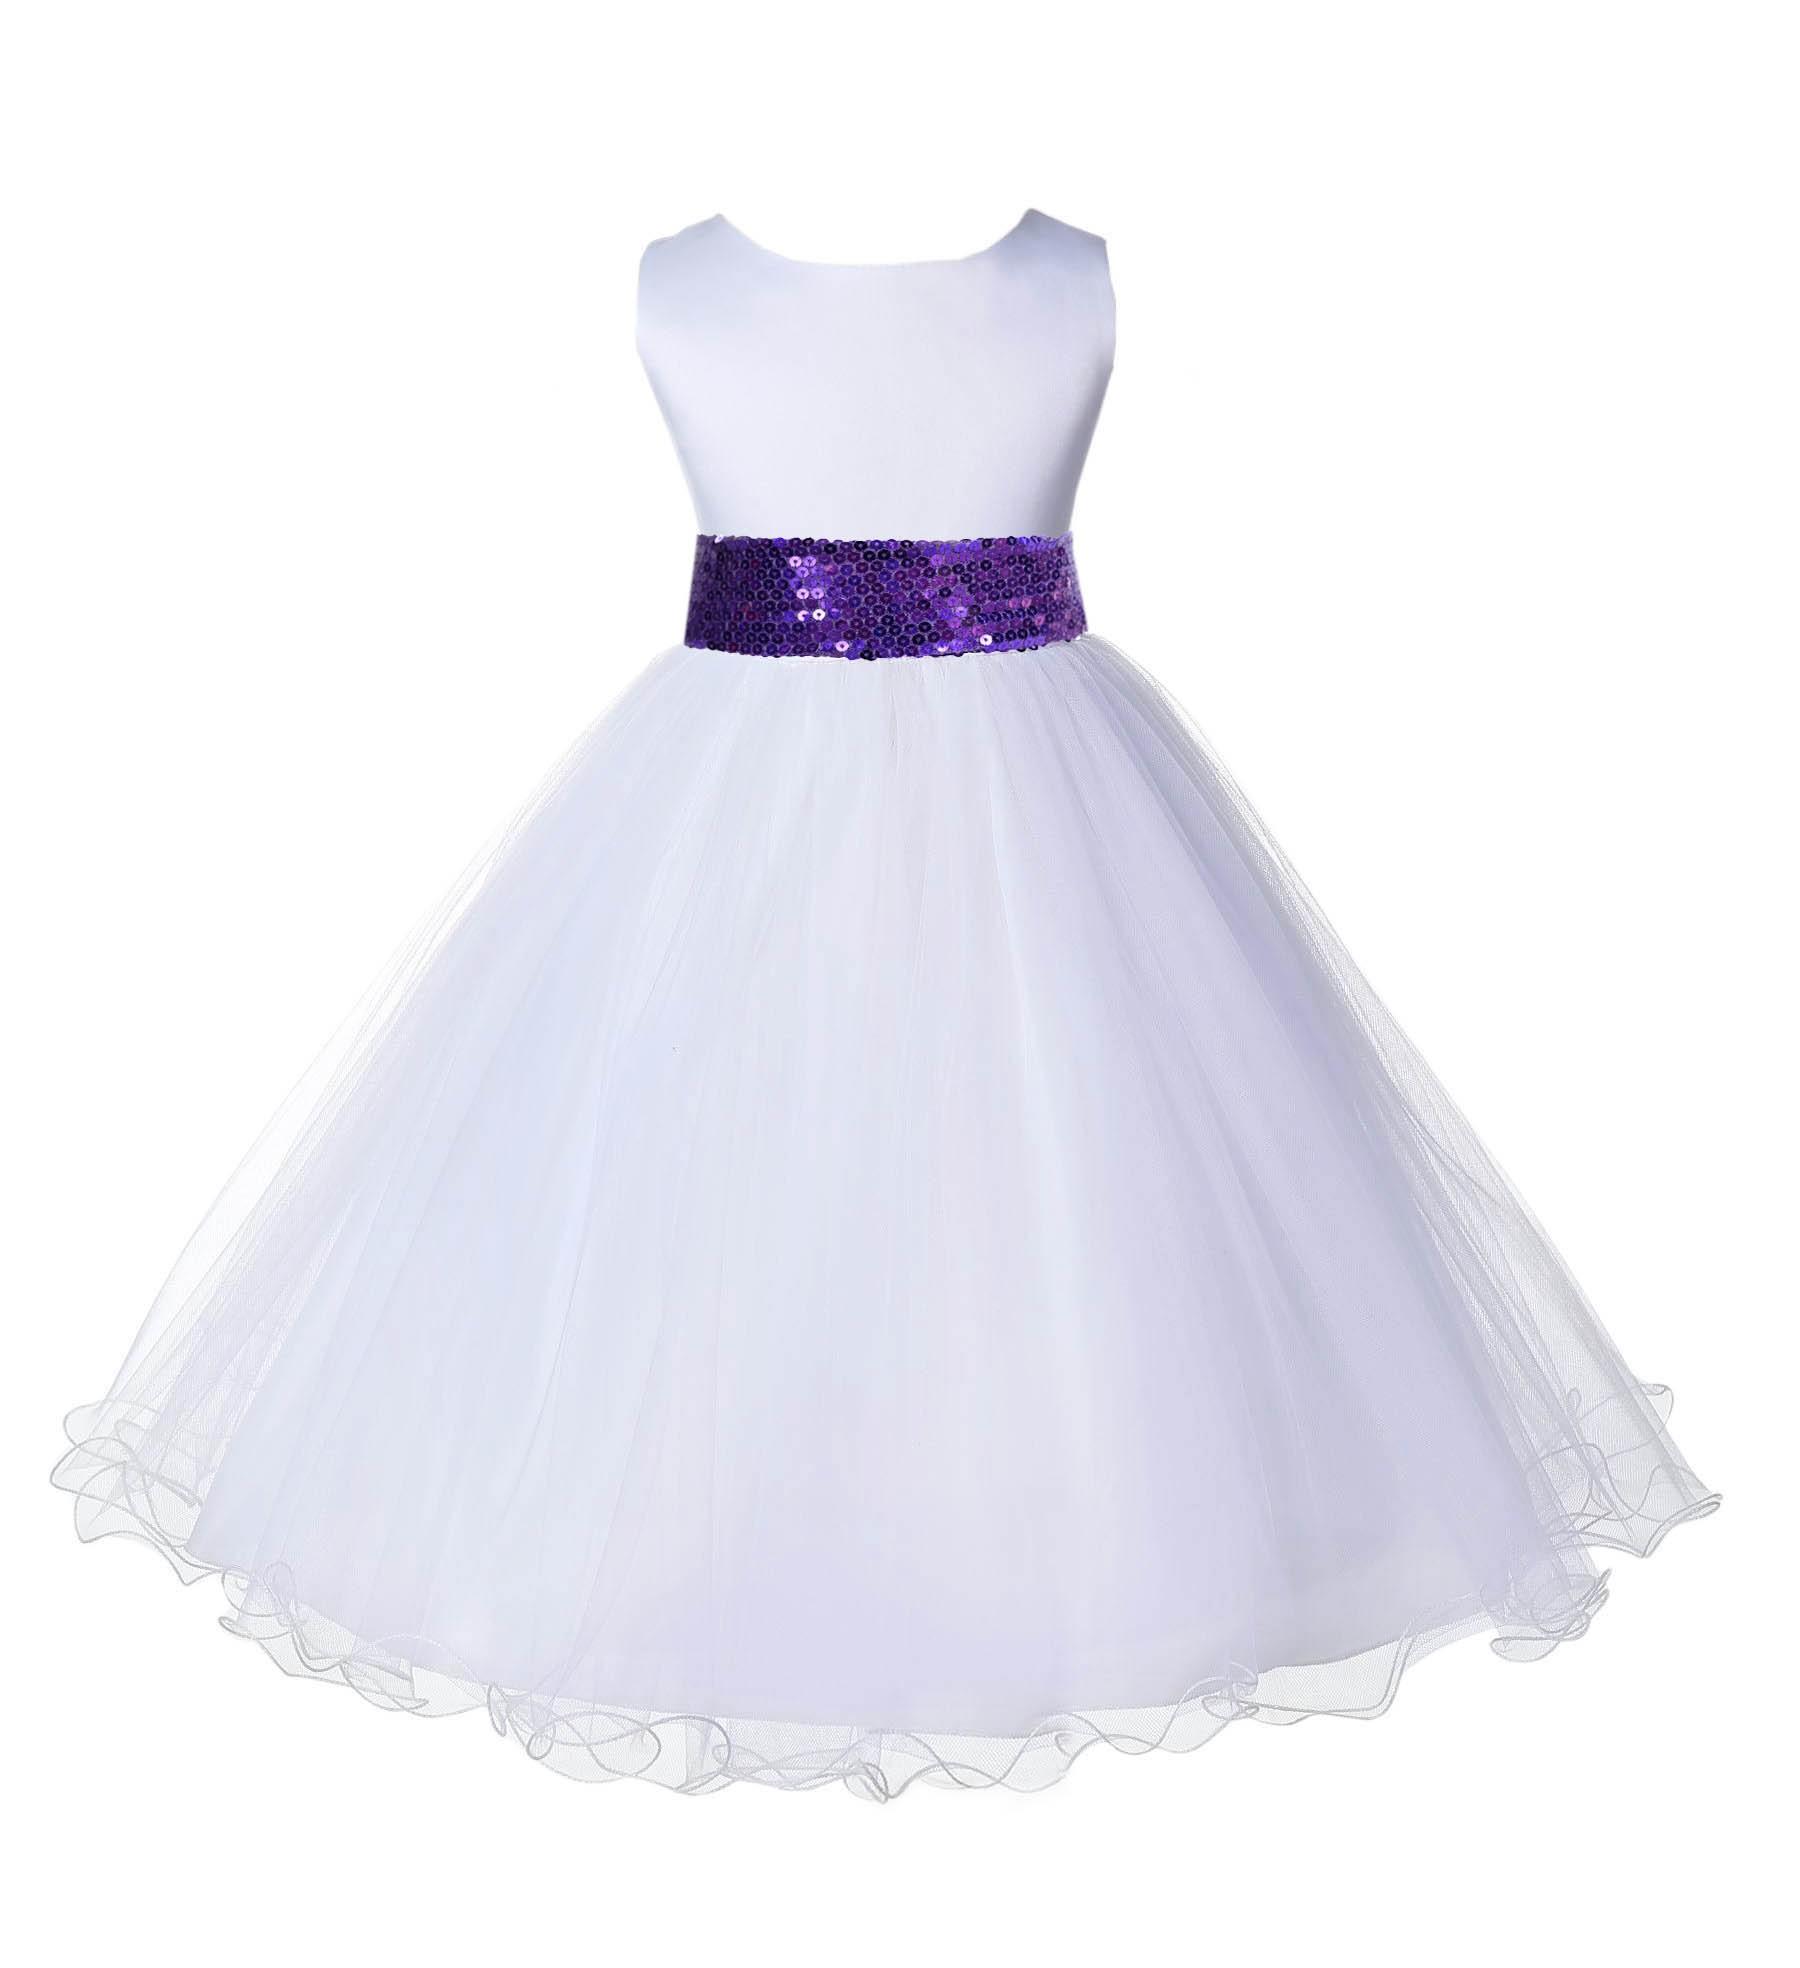 White Tulle Rattail Edge Purple Sequin Sash Flower Girl Dress 829mh